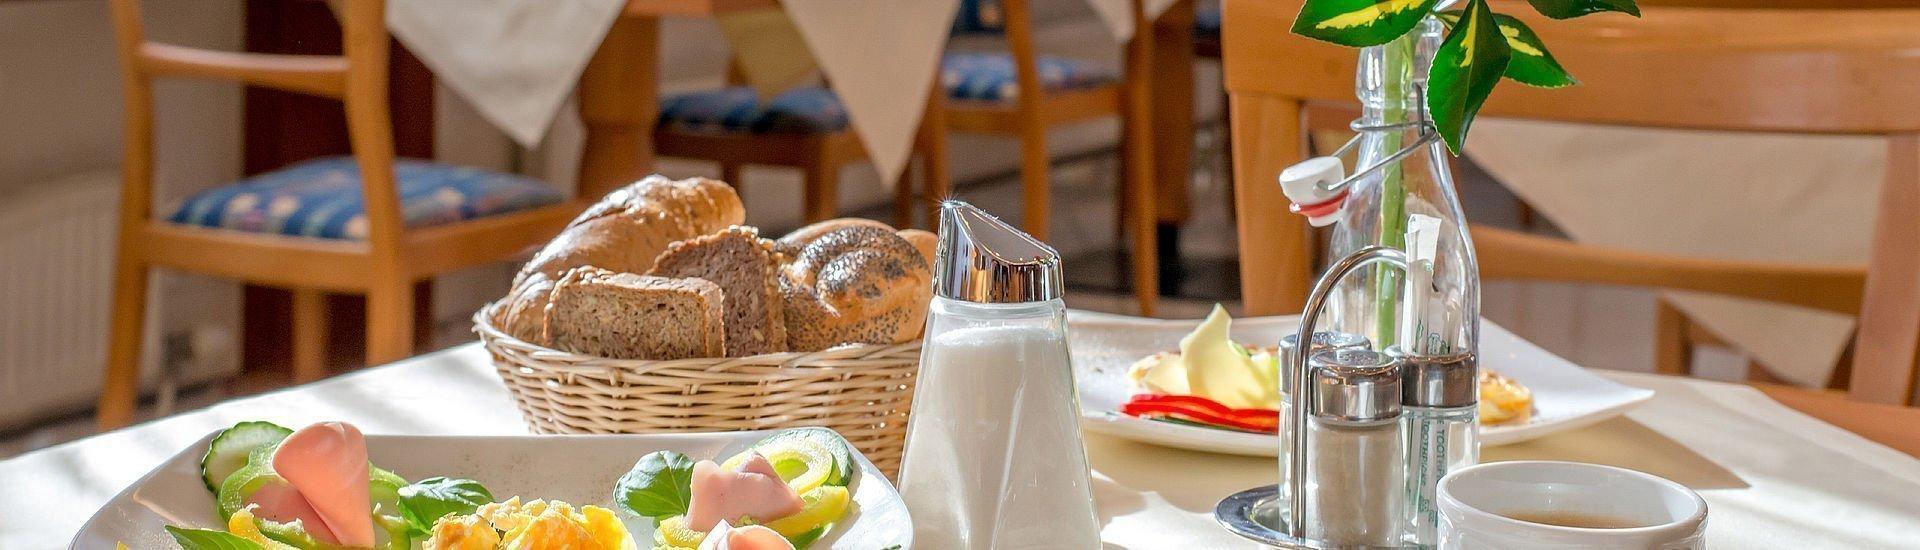 Reichhaltiges Frühstück mit Rührei und Brötchen im Hotel Stoiser Graz